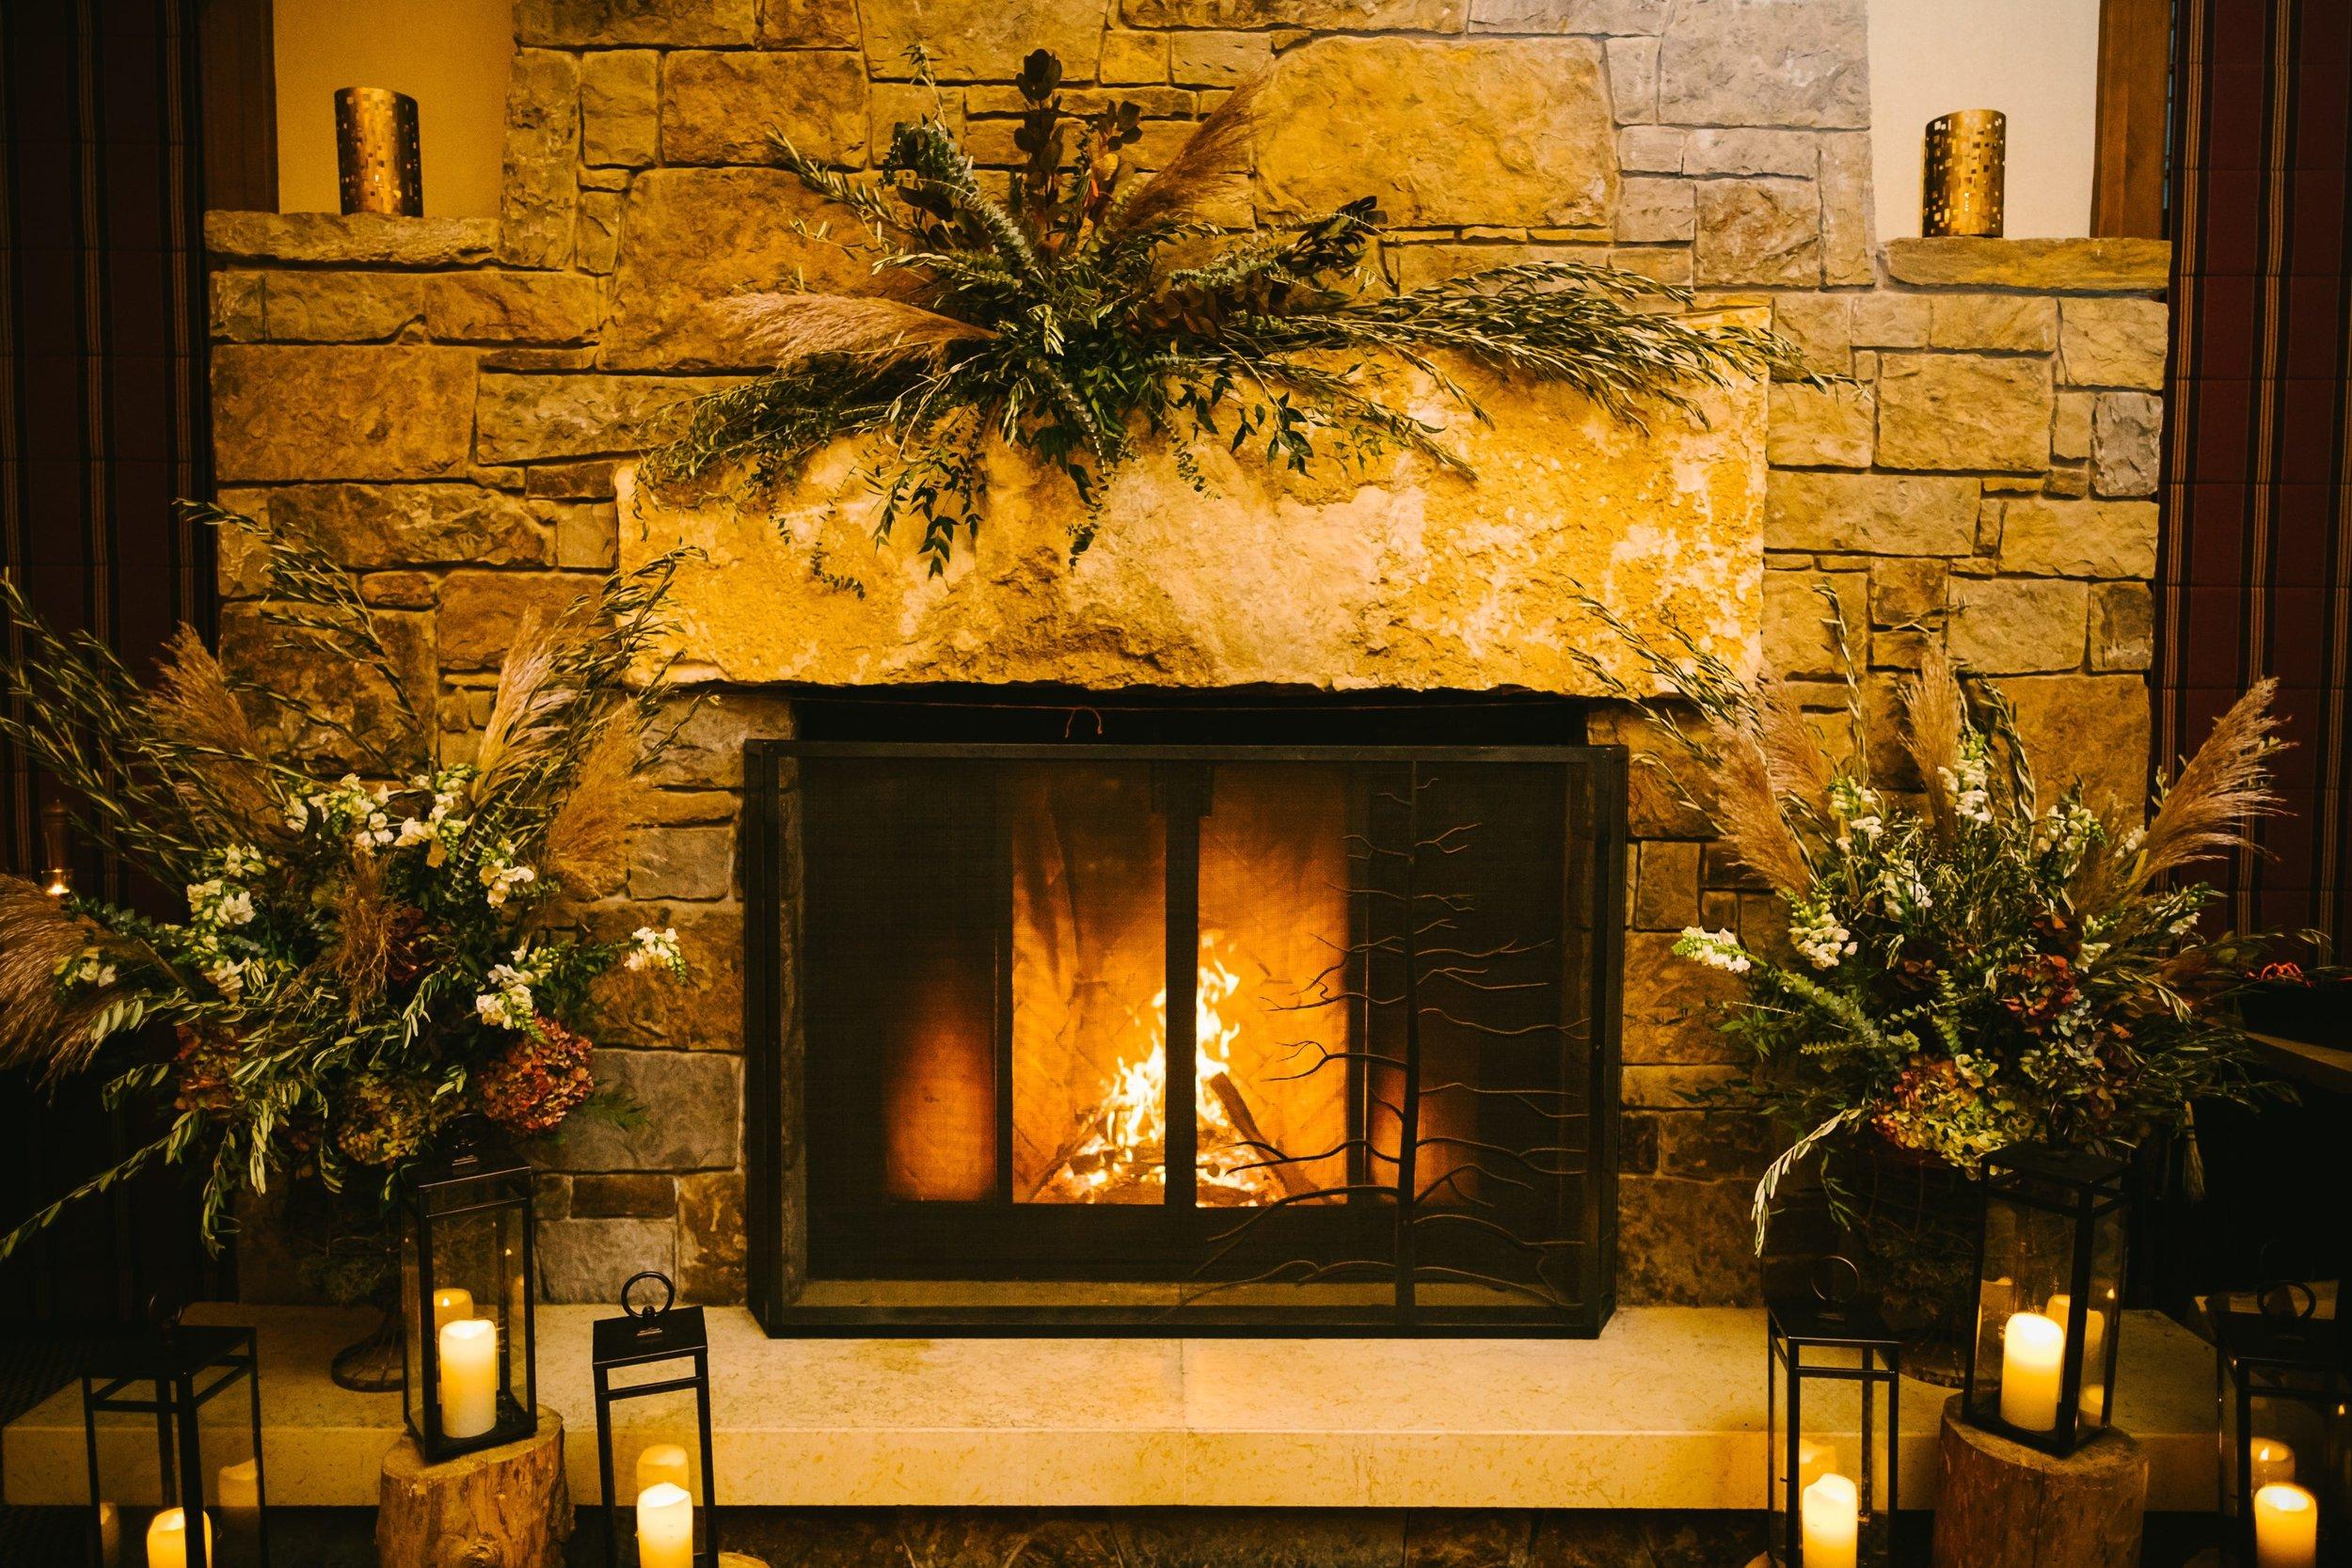 49 The gorgeous fireplace inside the Four Seasons Jackson Hole ballroom